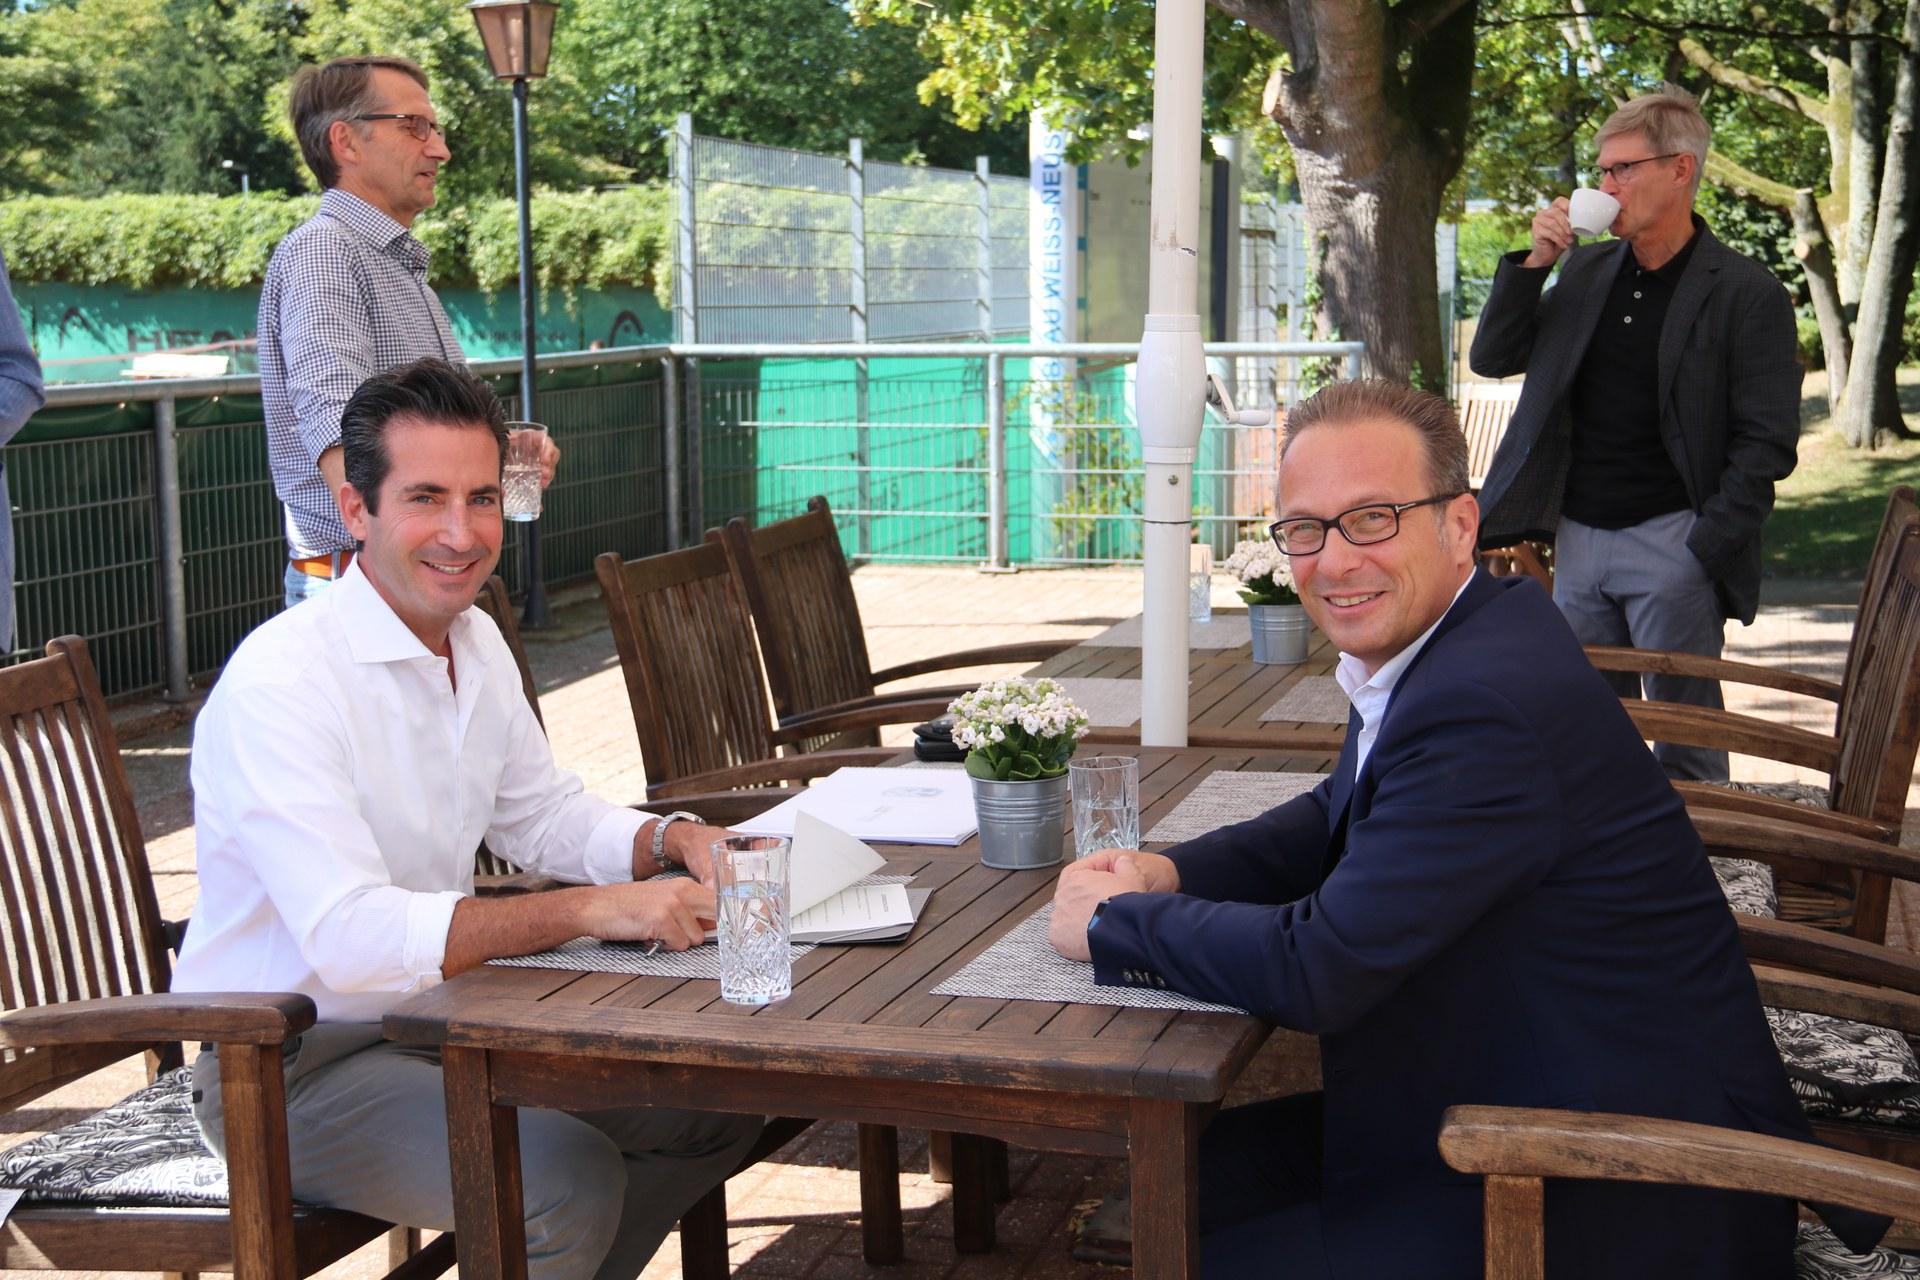 Bürgermeister Reiner Breuer (rechts) und Abraam Savvidis, erster Vorsitzender des Vereins Blau-Weiß Neuss e.V.